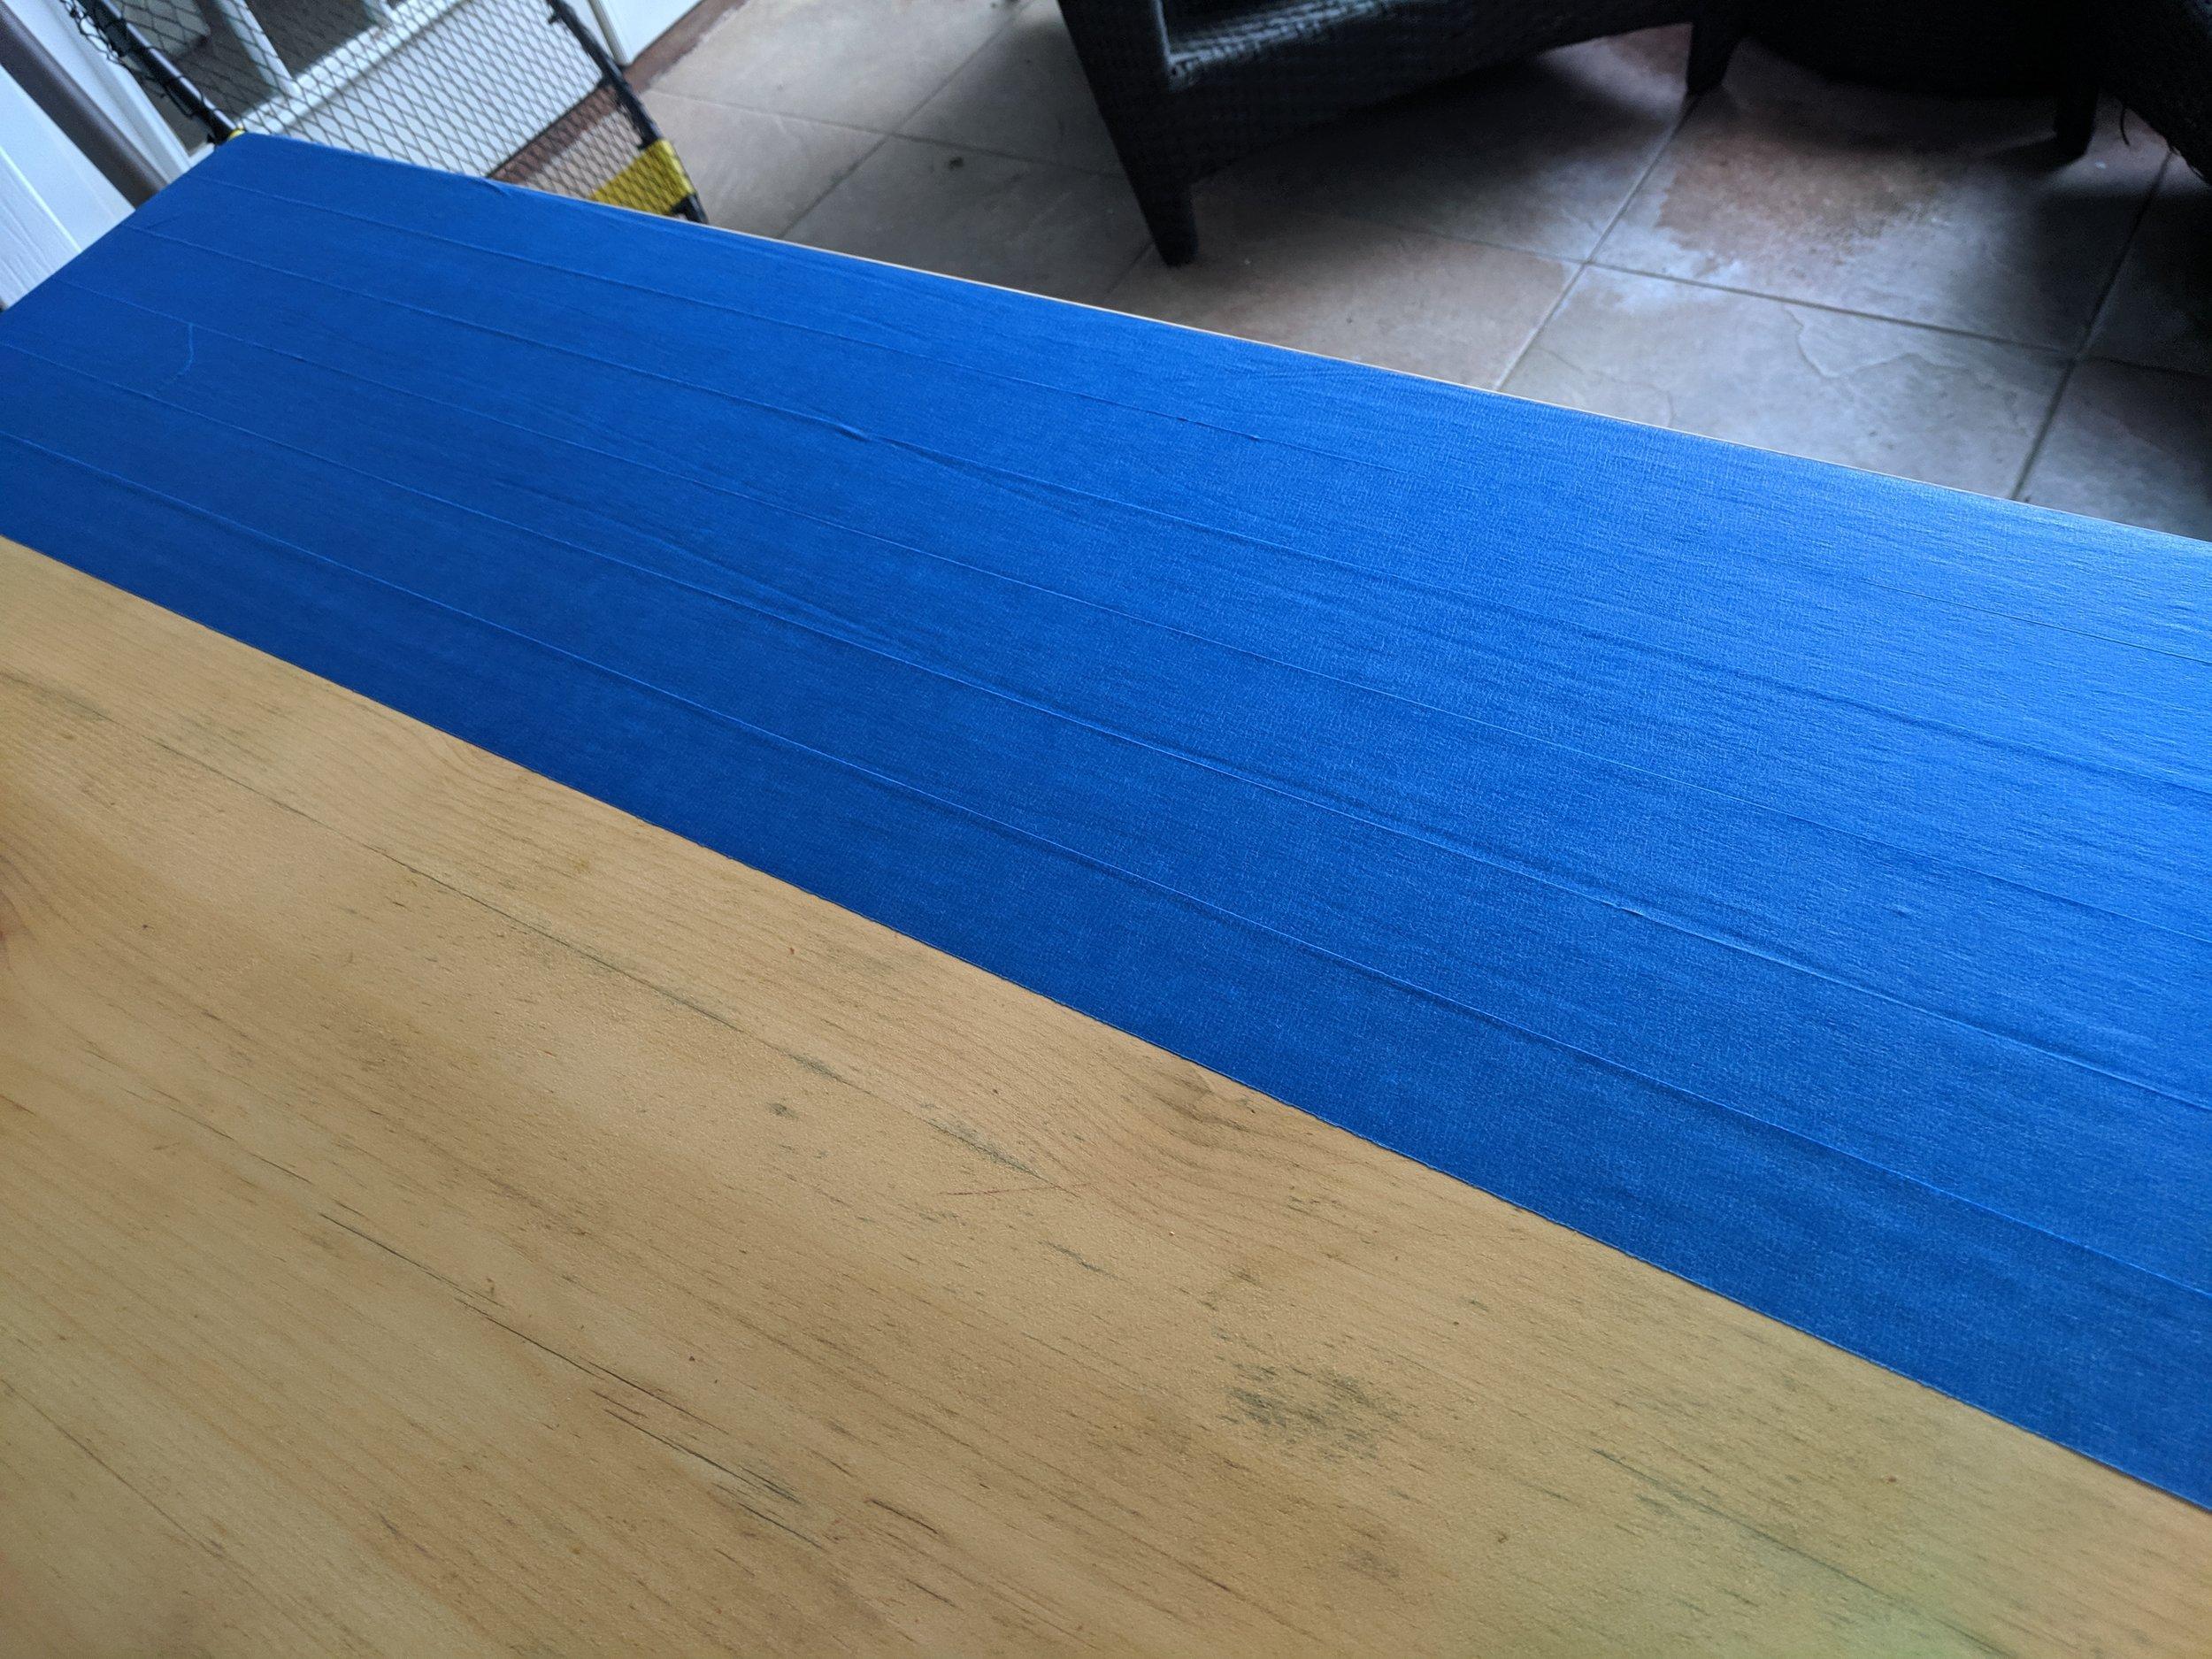 taping stripes.jpg